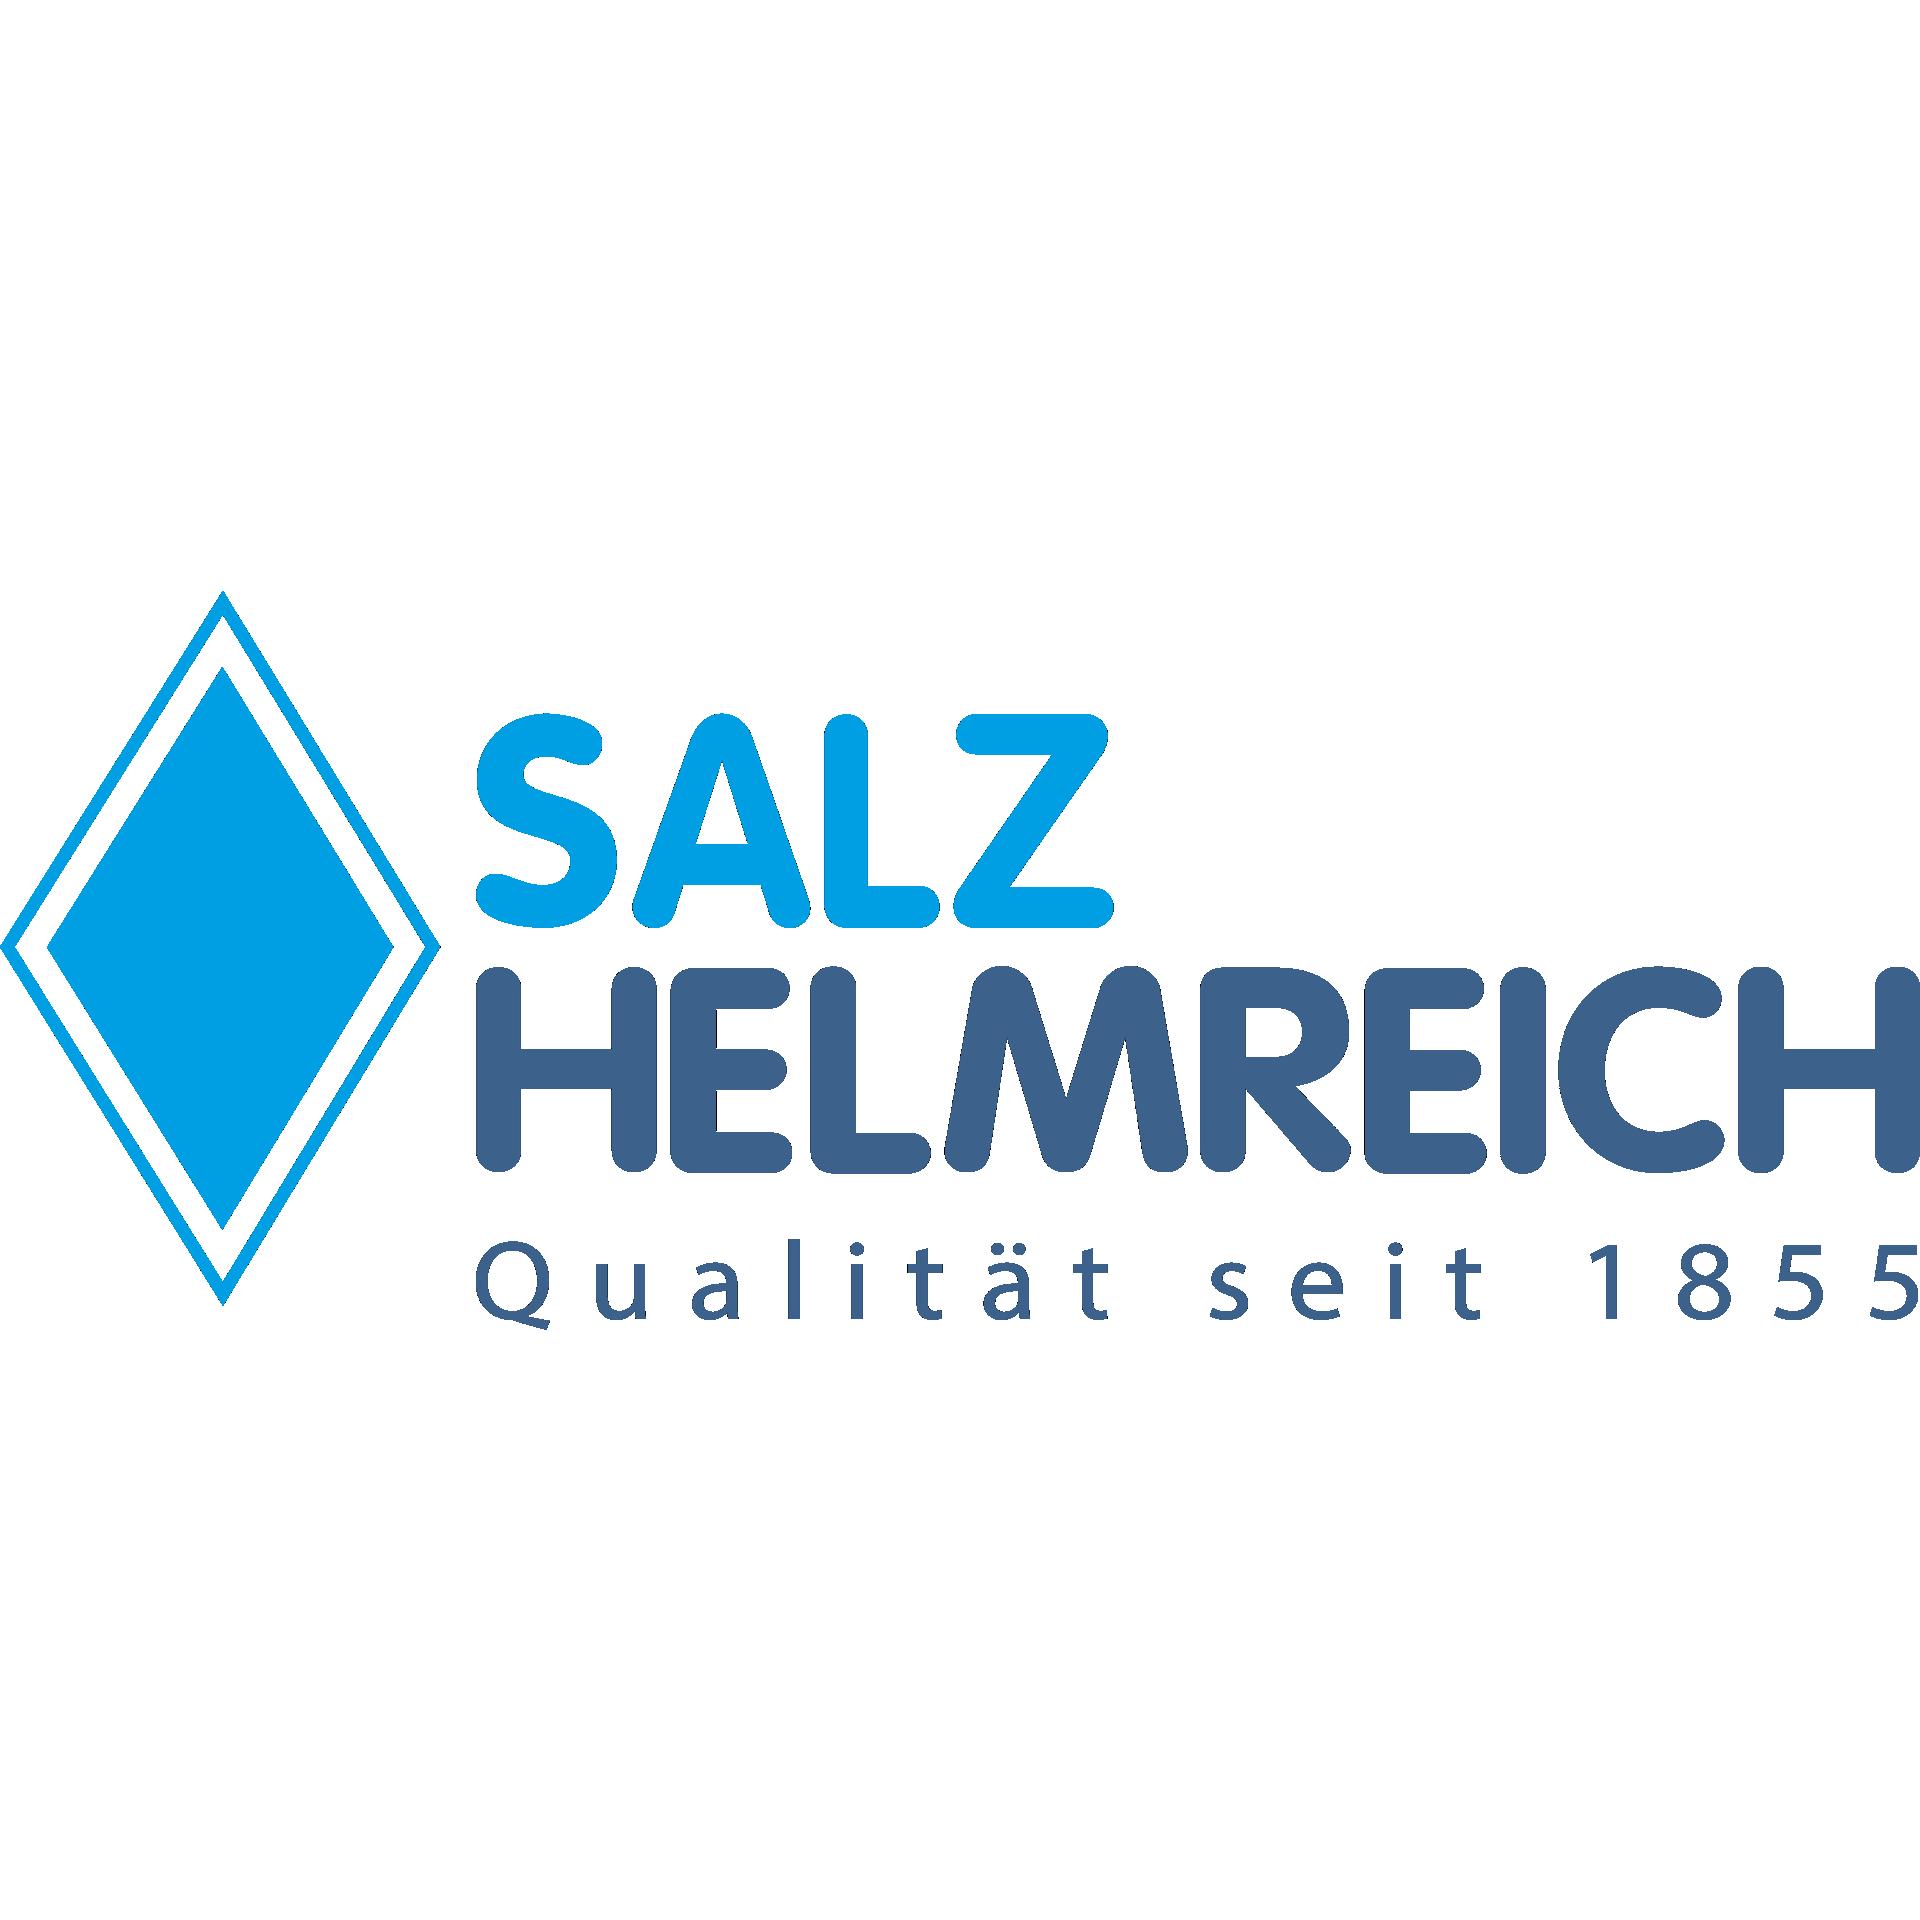 Berchtesgadener Natursalzlecksteine gebrochen im 25 kg Sack auch Bergkern genannt - Einzelfuttermittel - QS zertifiziert